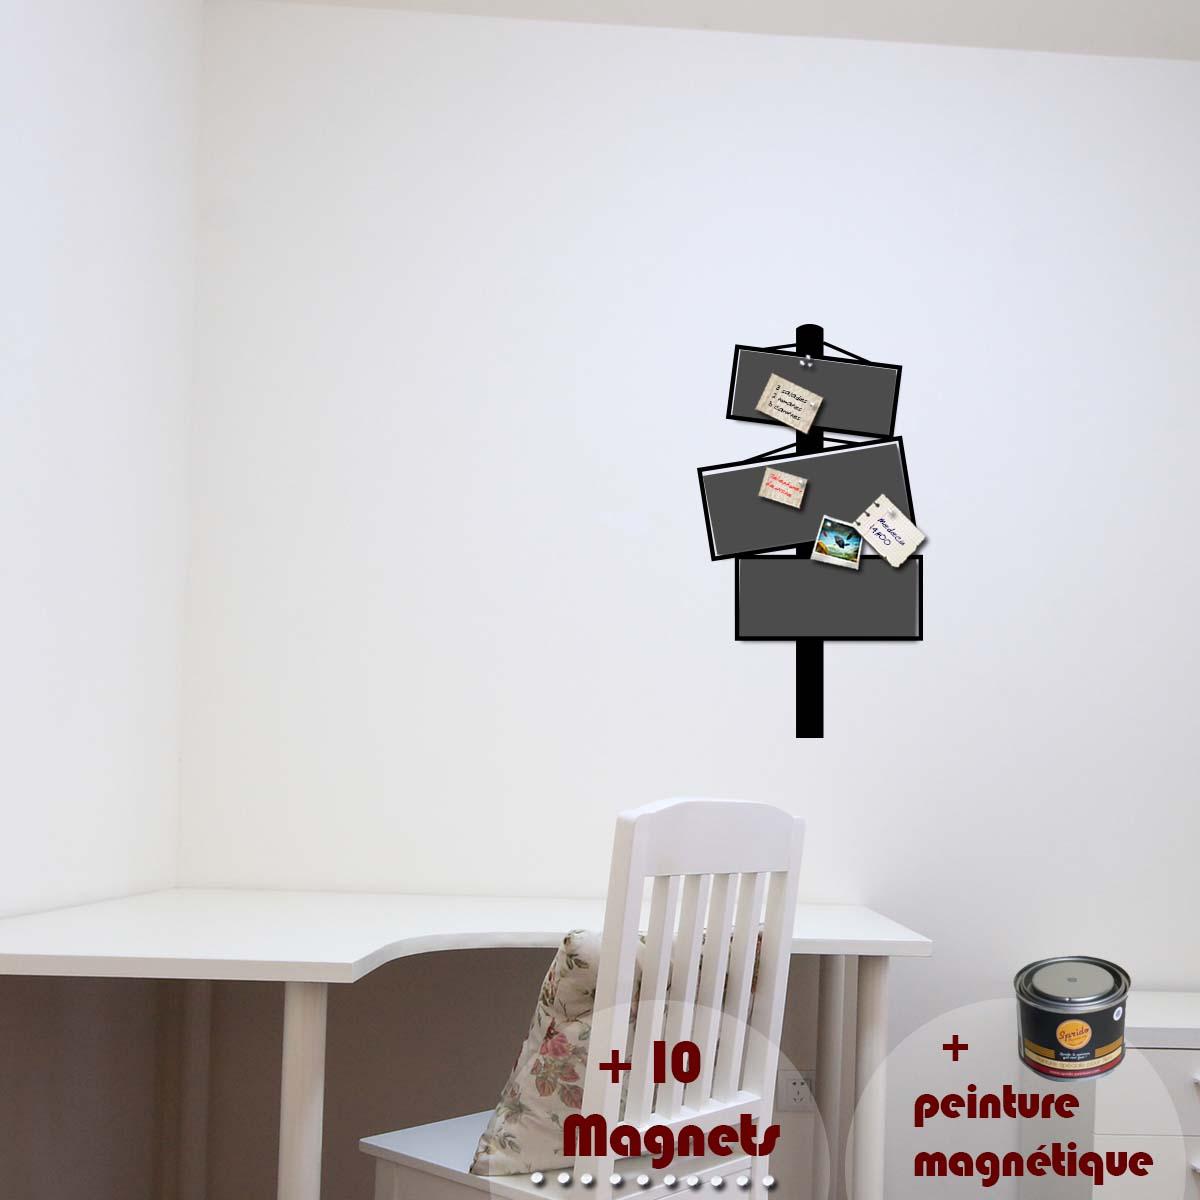 papier peint magn tique peinture magn tique avec sticker panneau ambiance. Black Bedroom Furniture Sets. Home Design Ideas